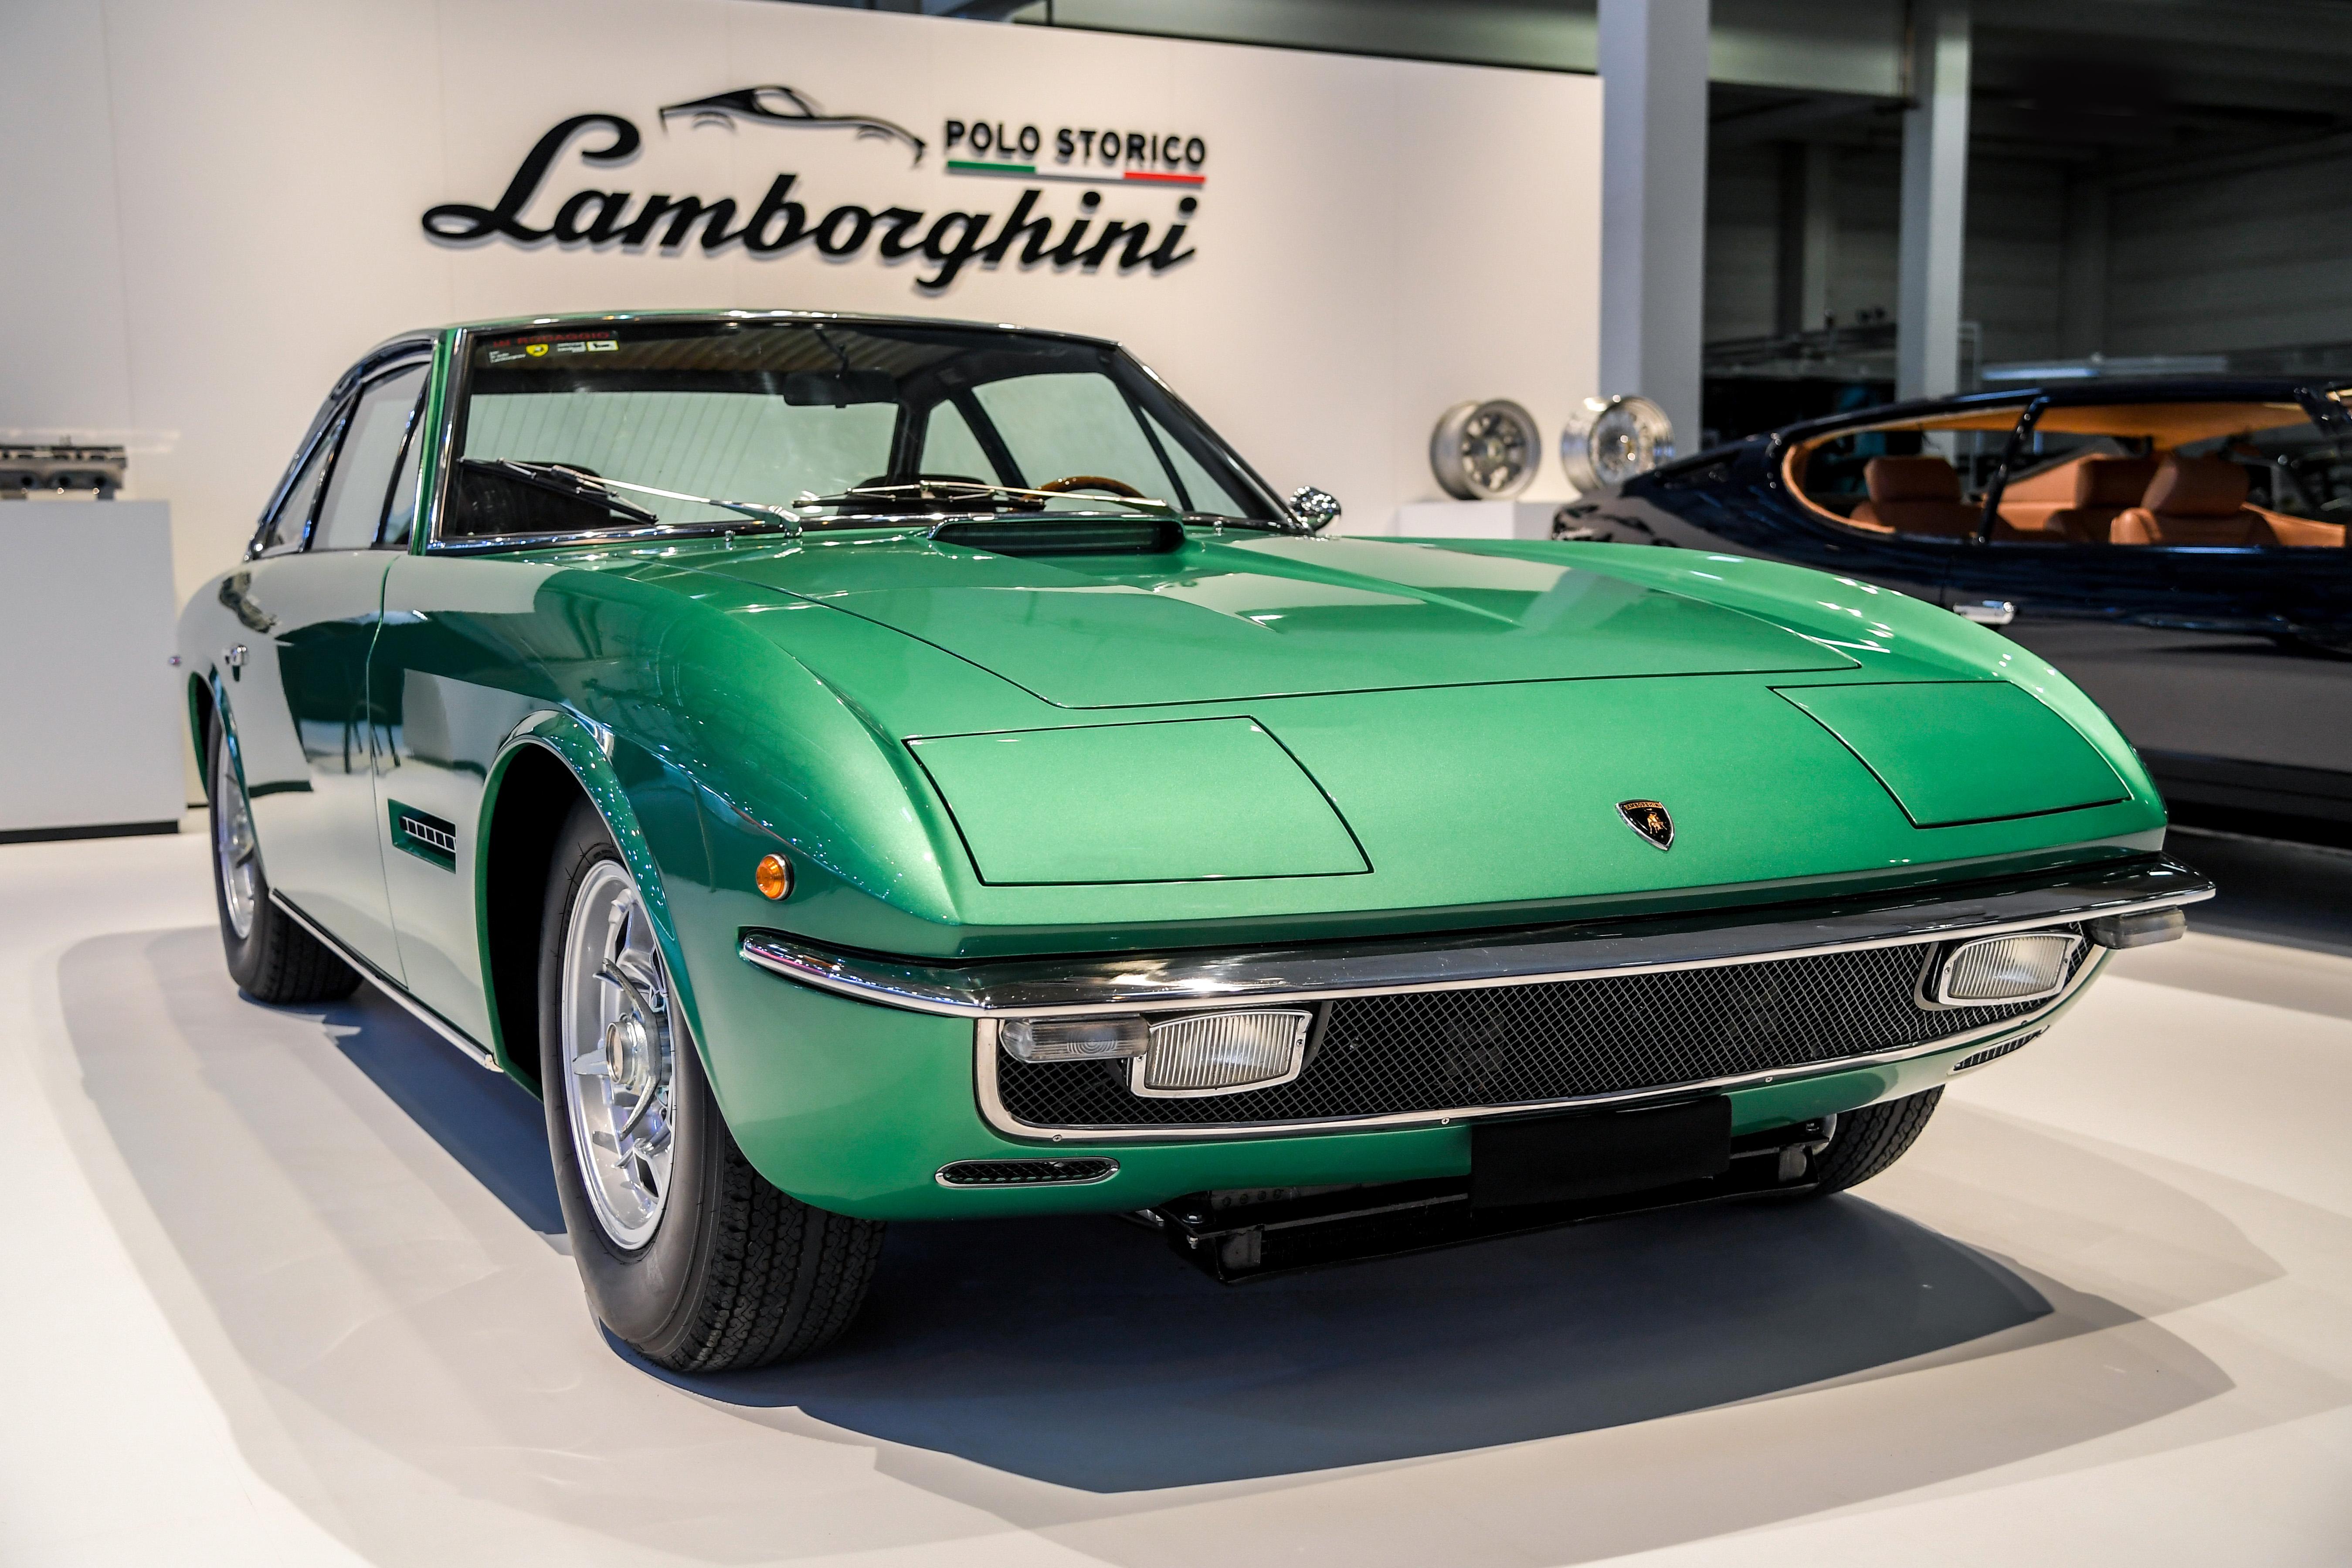 Lamborghini Polo Storico Celebrates 50 Years Of Espada And Islero At